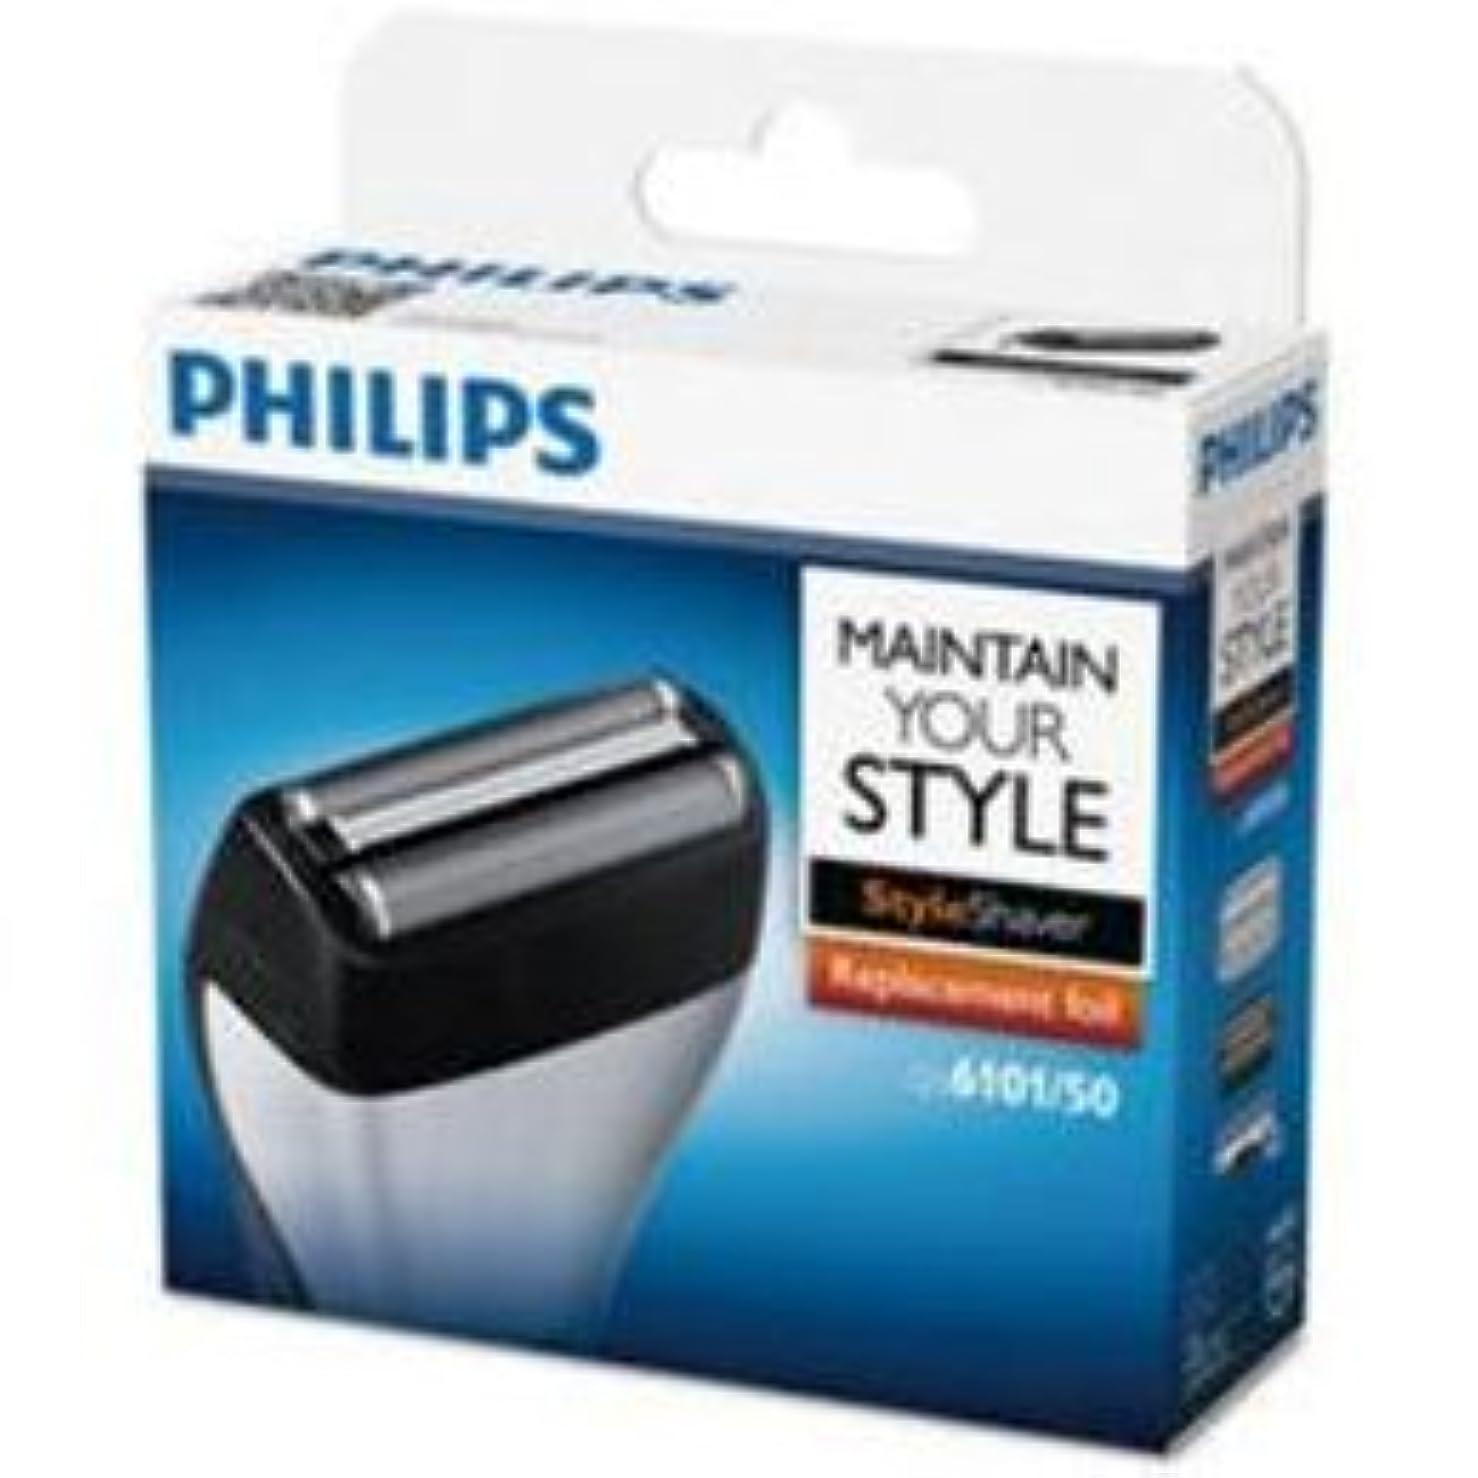 品種センチメンタル偽善(7個まとめ売り) PHILIPS スタイルシェーバー替刃 QS6101